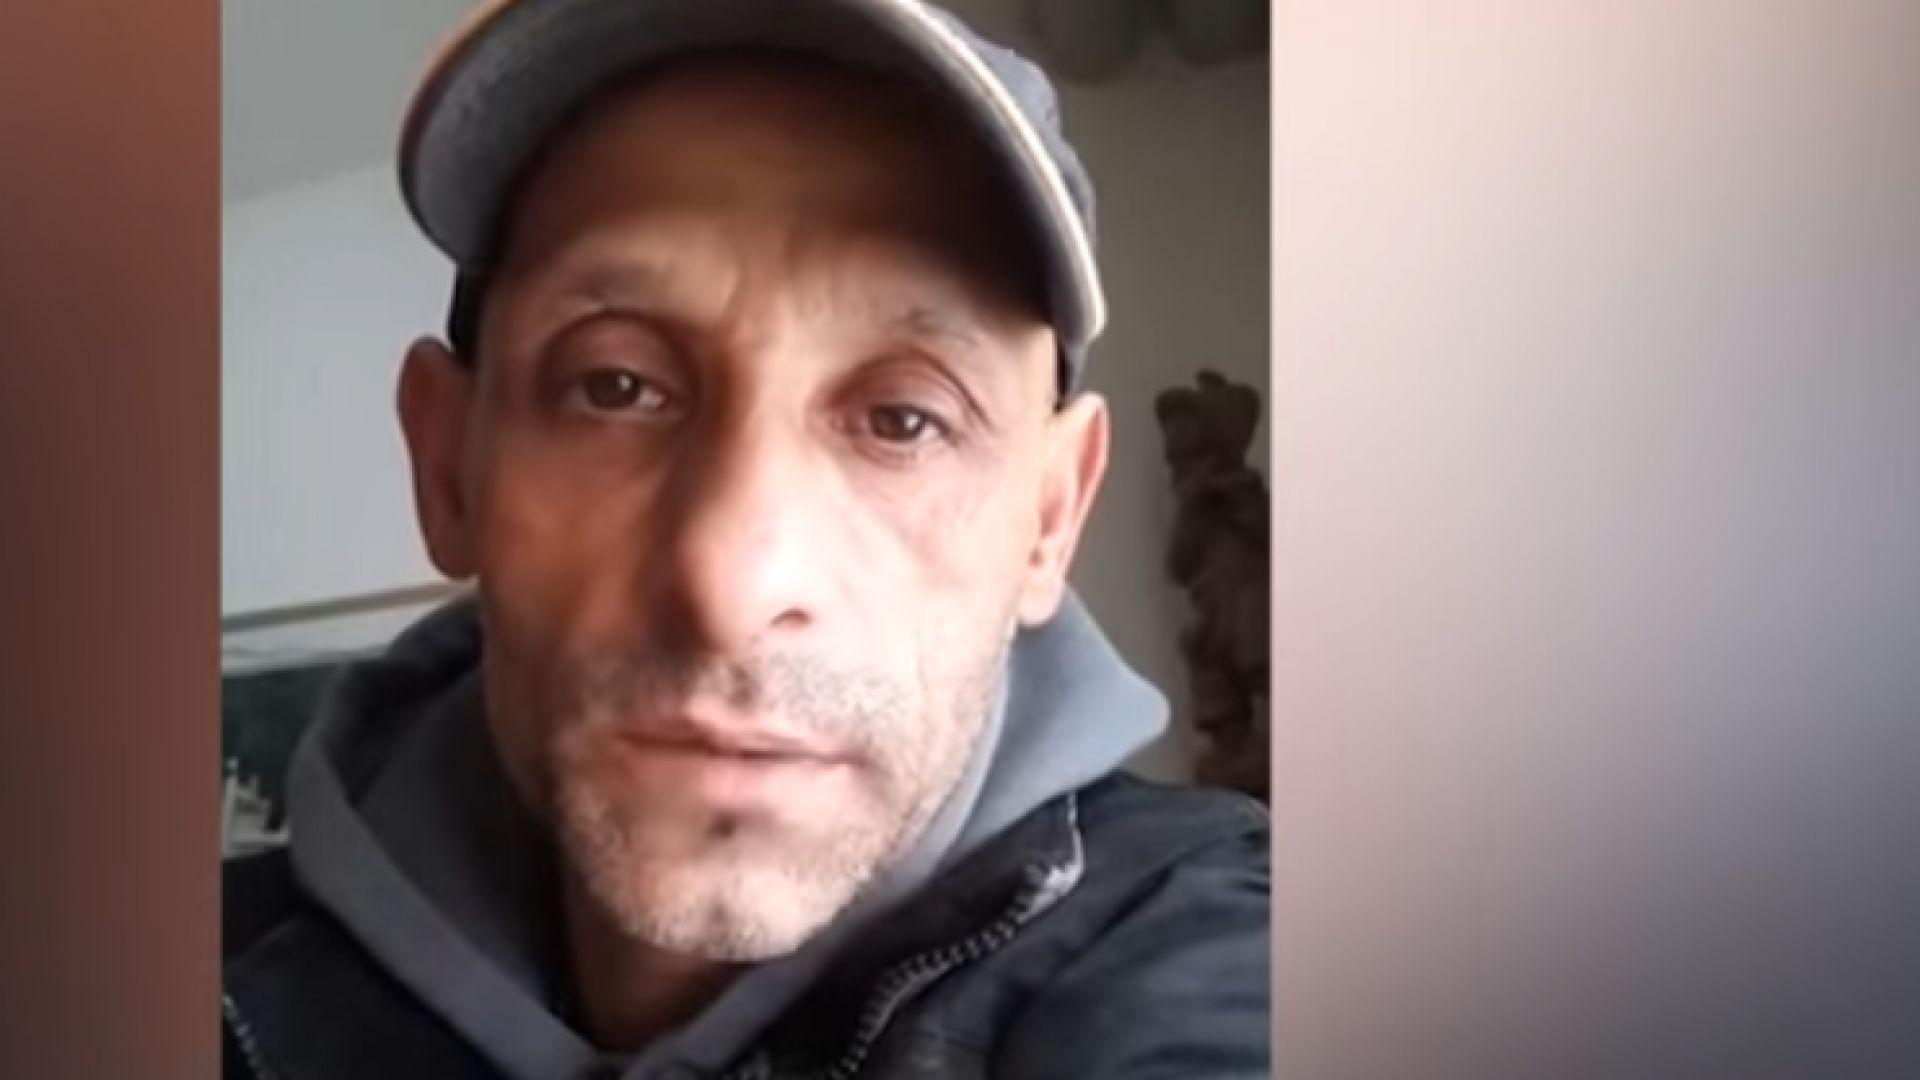 МВР и прокуратурата се заеха с циганина, плашил хората във Войводиново